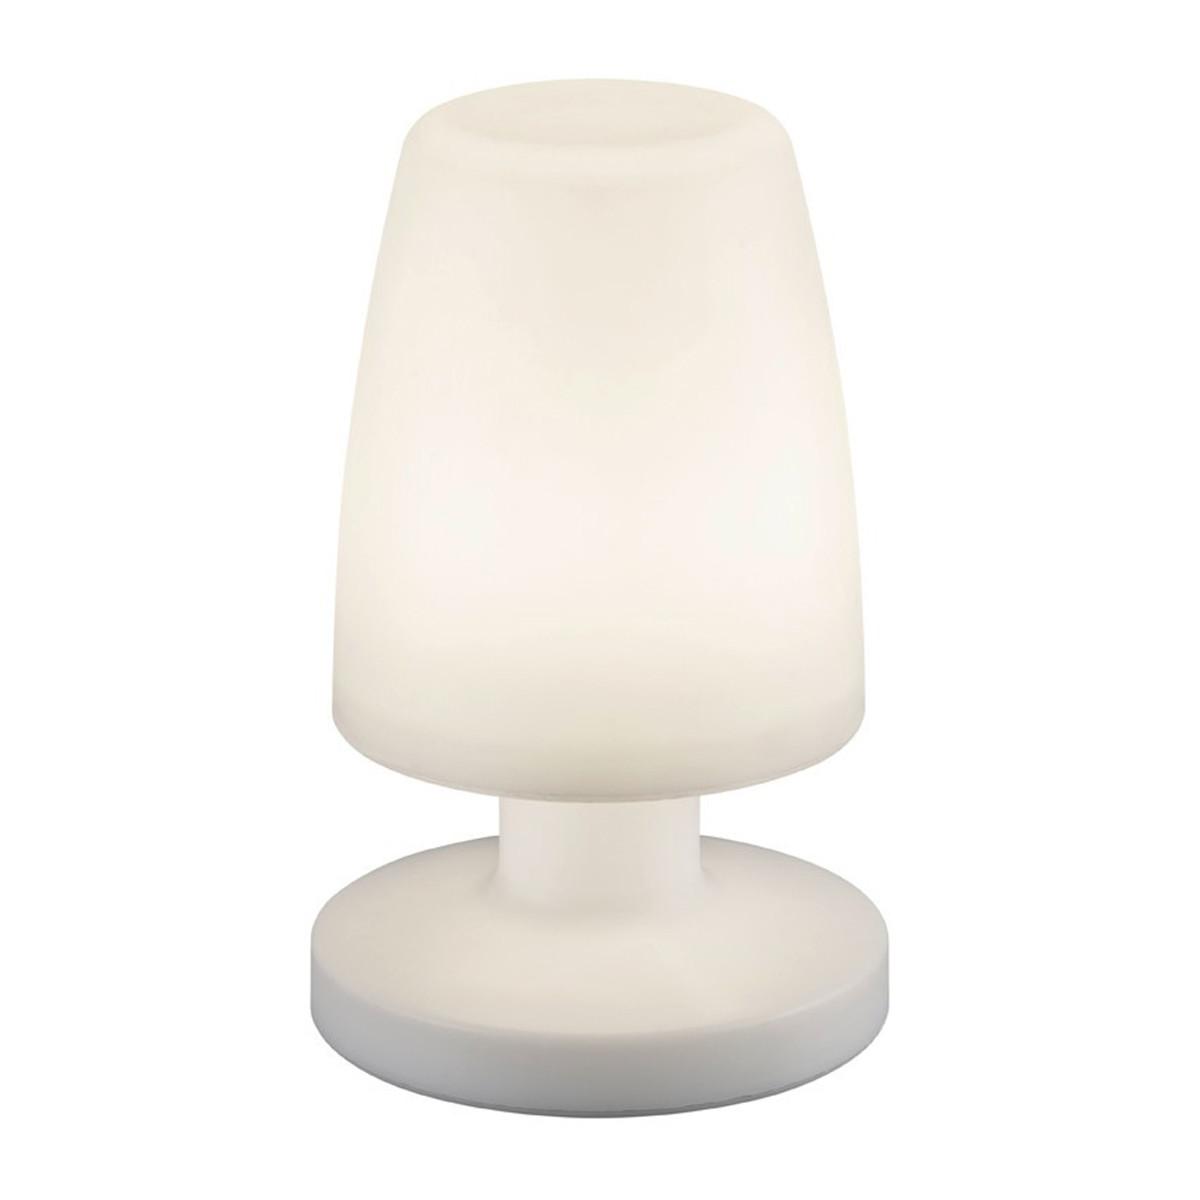 LED Tafellamp - Trion - Ovaal - Wit - Kunststof - Spatwaterdicht - USB Oplaadbaa